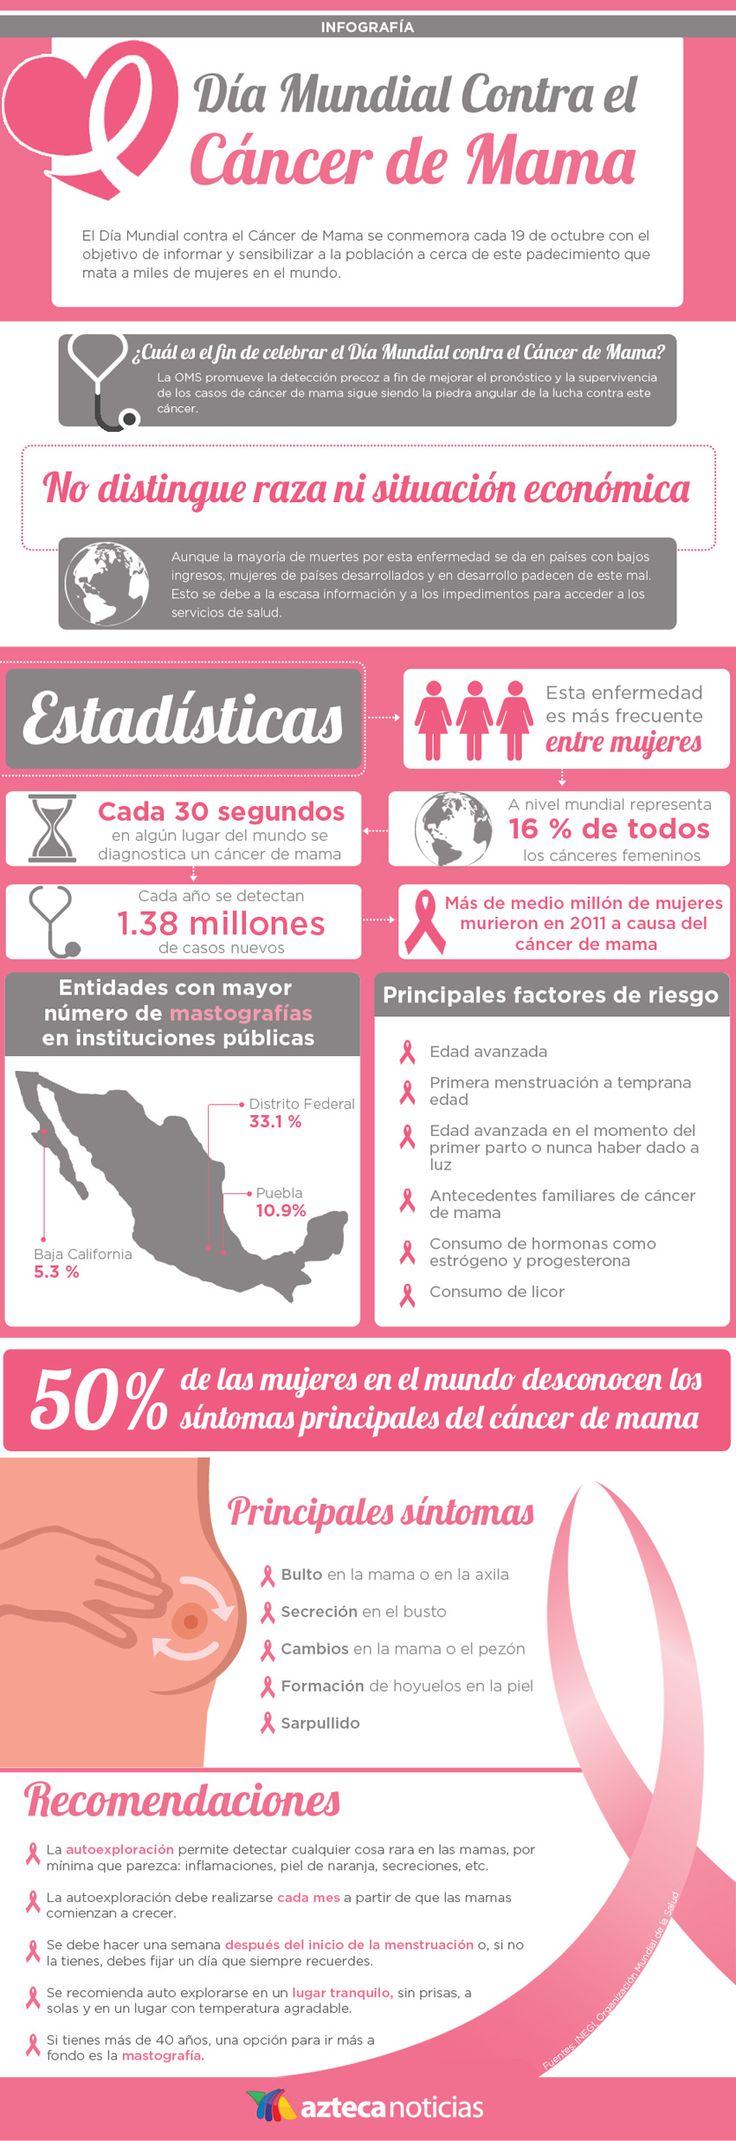 #Infografía Día Mundial contra el cáncer de mama